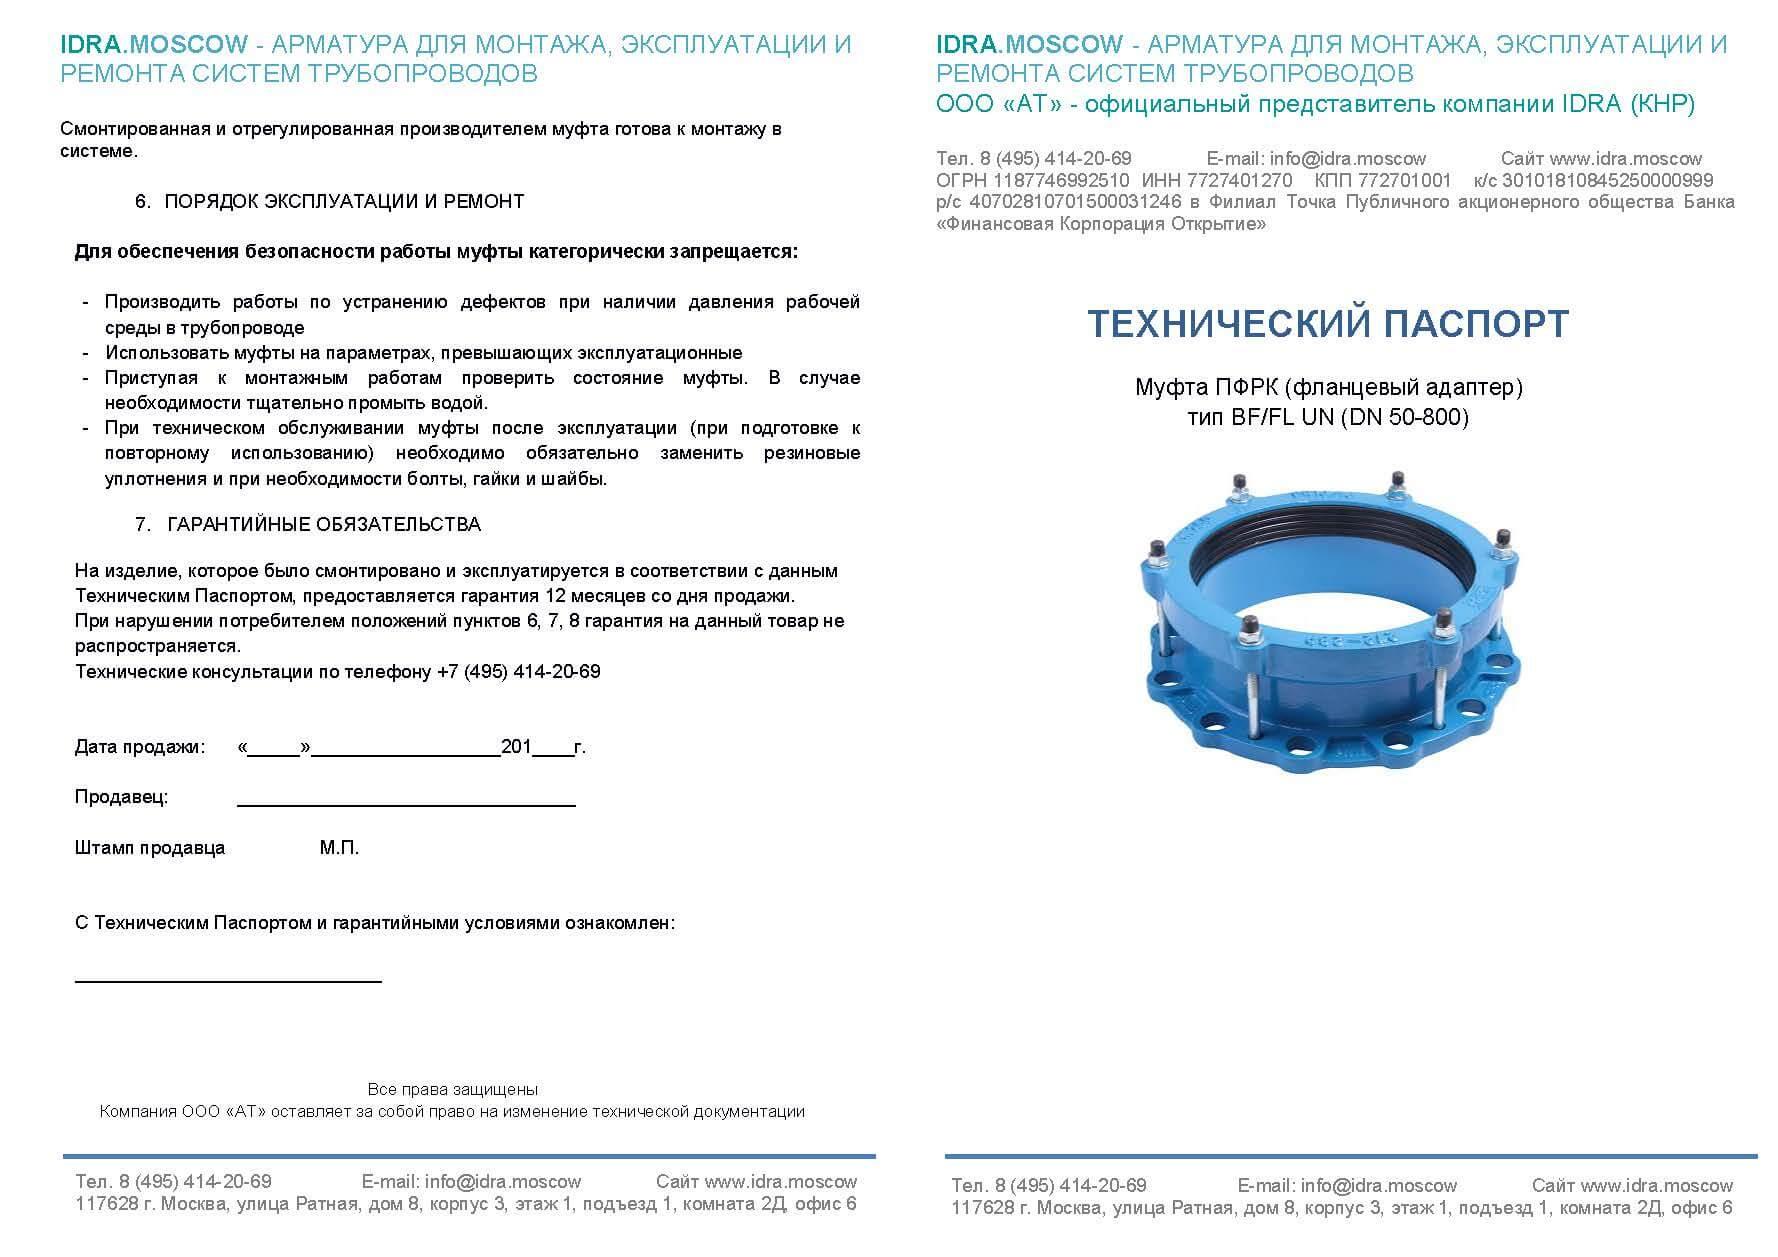 Паспорт ПФРК IDRA BF/FL UN